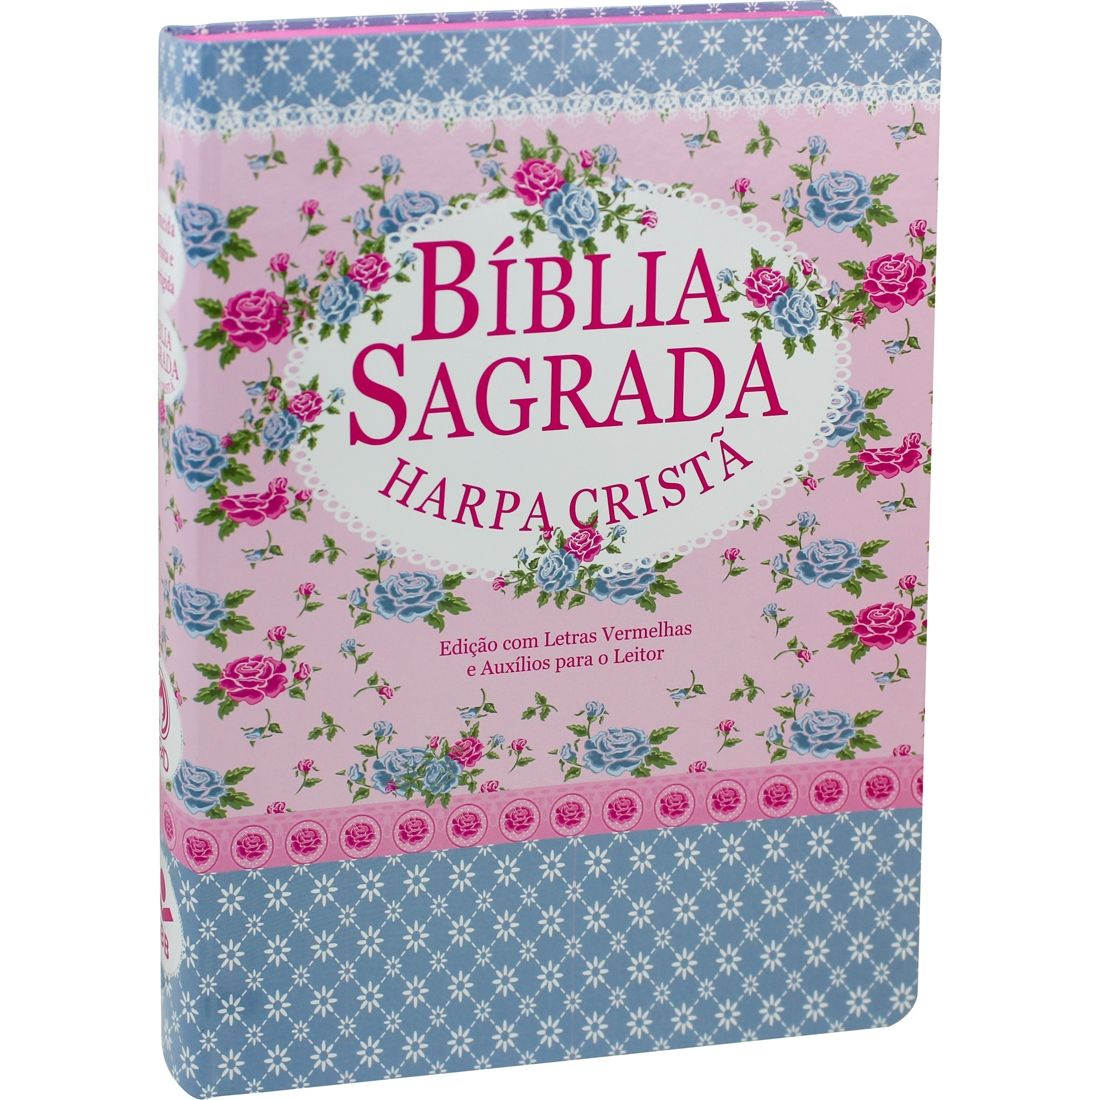 Bíblia Sagrada Letra Gigante com Harpa Cristã Semiflex Florida e Azul